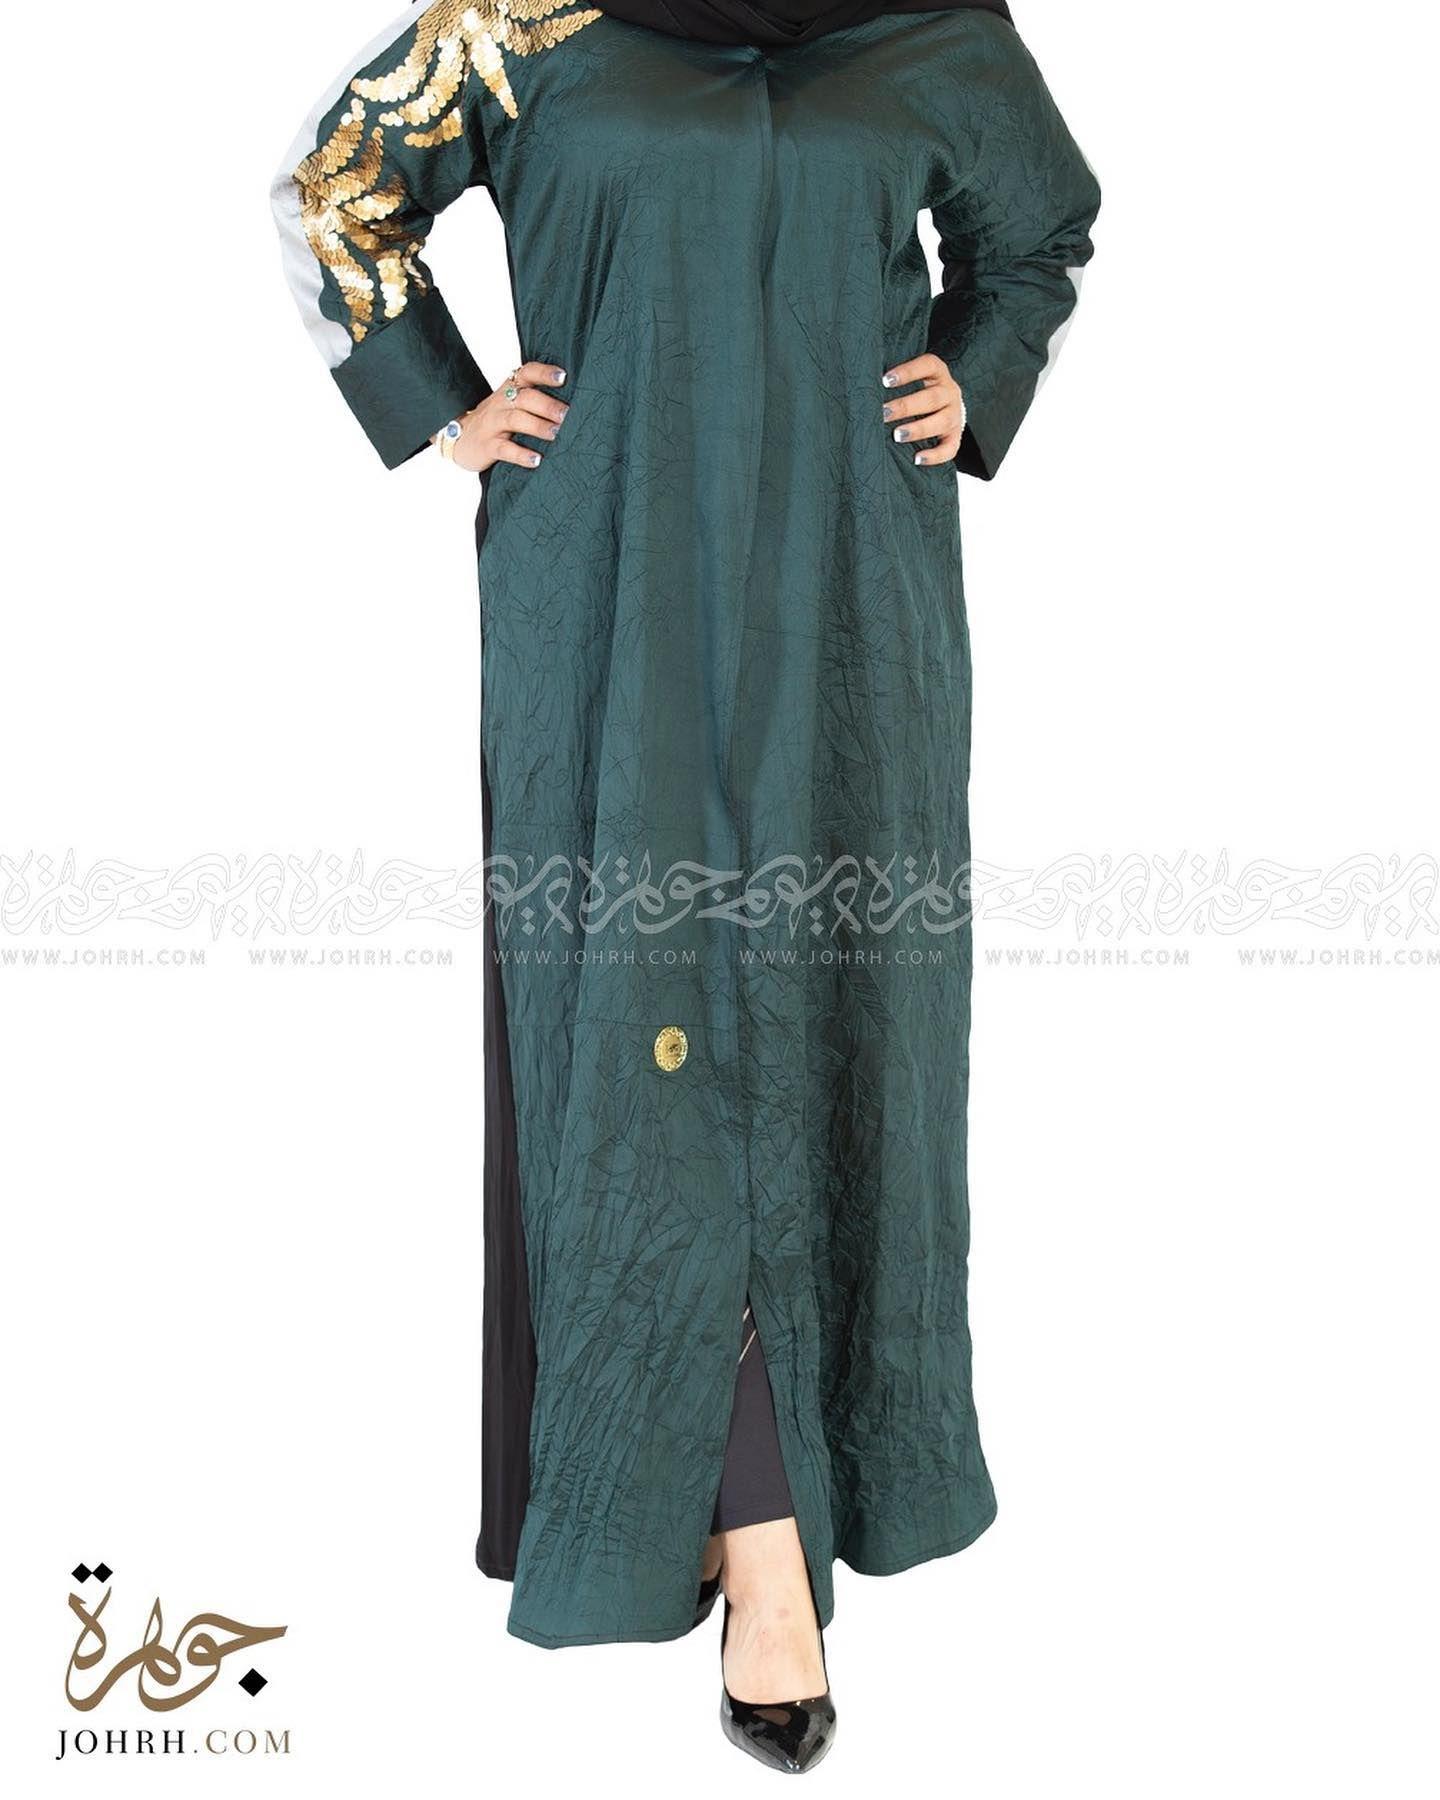 رقم الموديل 1470 السعر بعد الخصم 260 ريال تصميم يمزج ثلاث اقمشه متنوعه من الامام قماش اخضر مجعد ومشغول بترتر الذهبي المطفي ع Fashion Maxi Dress Maxi Skirt